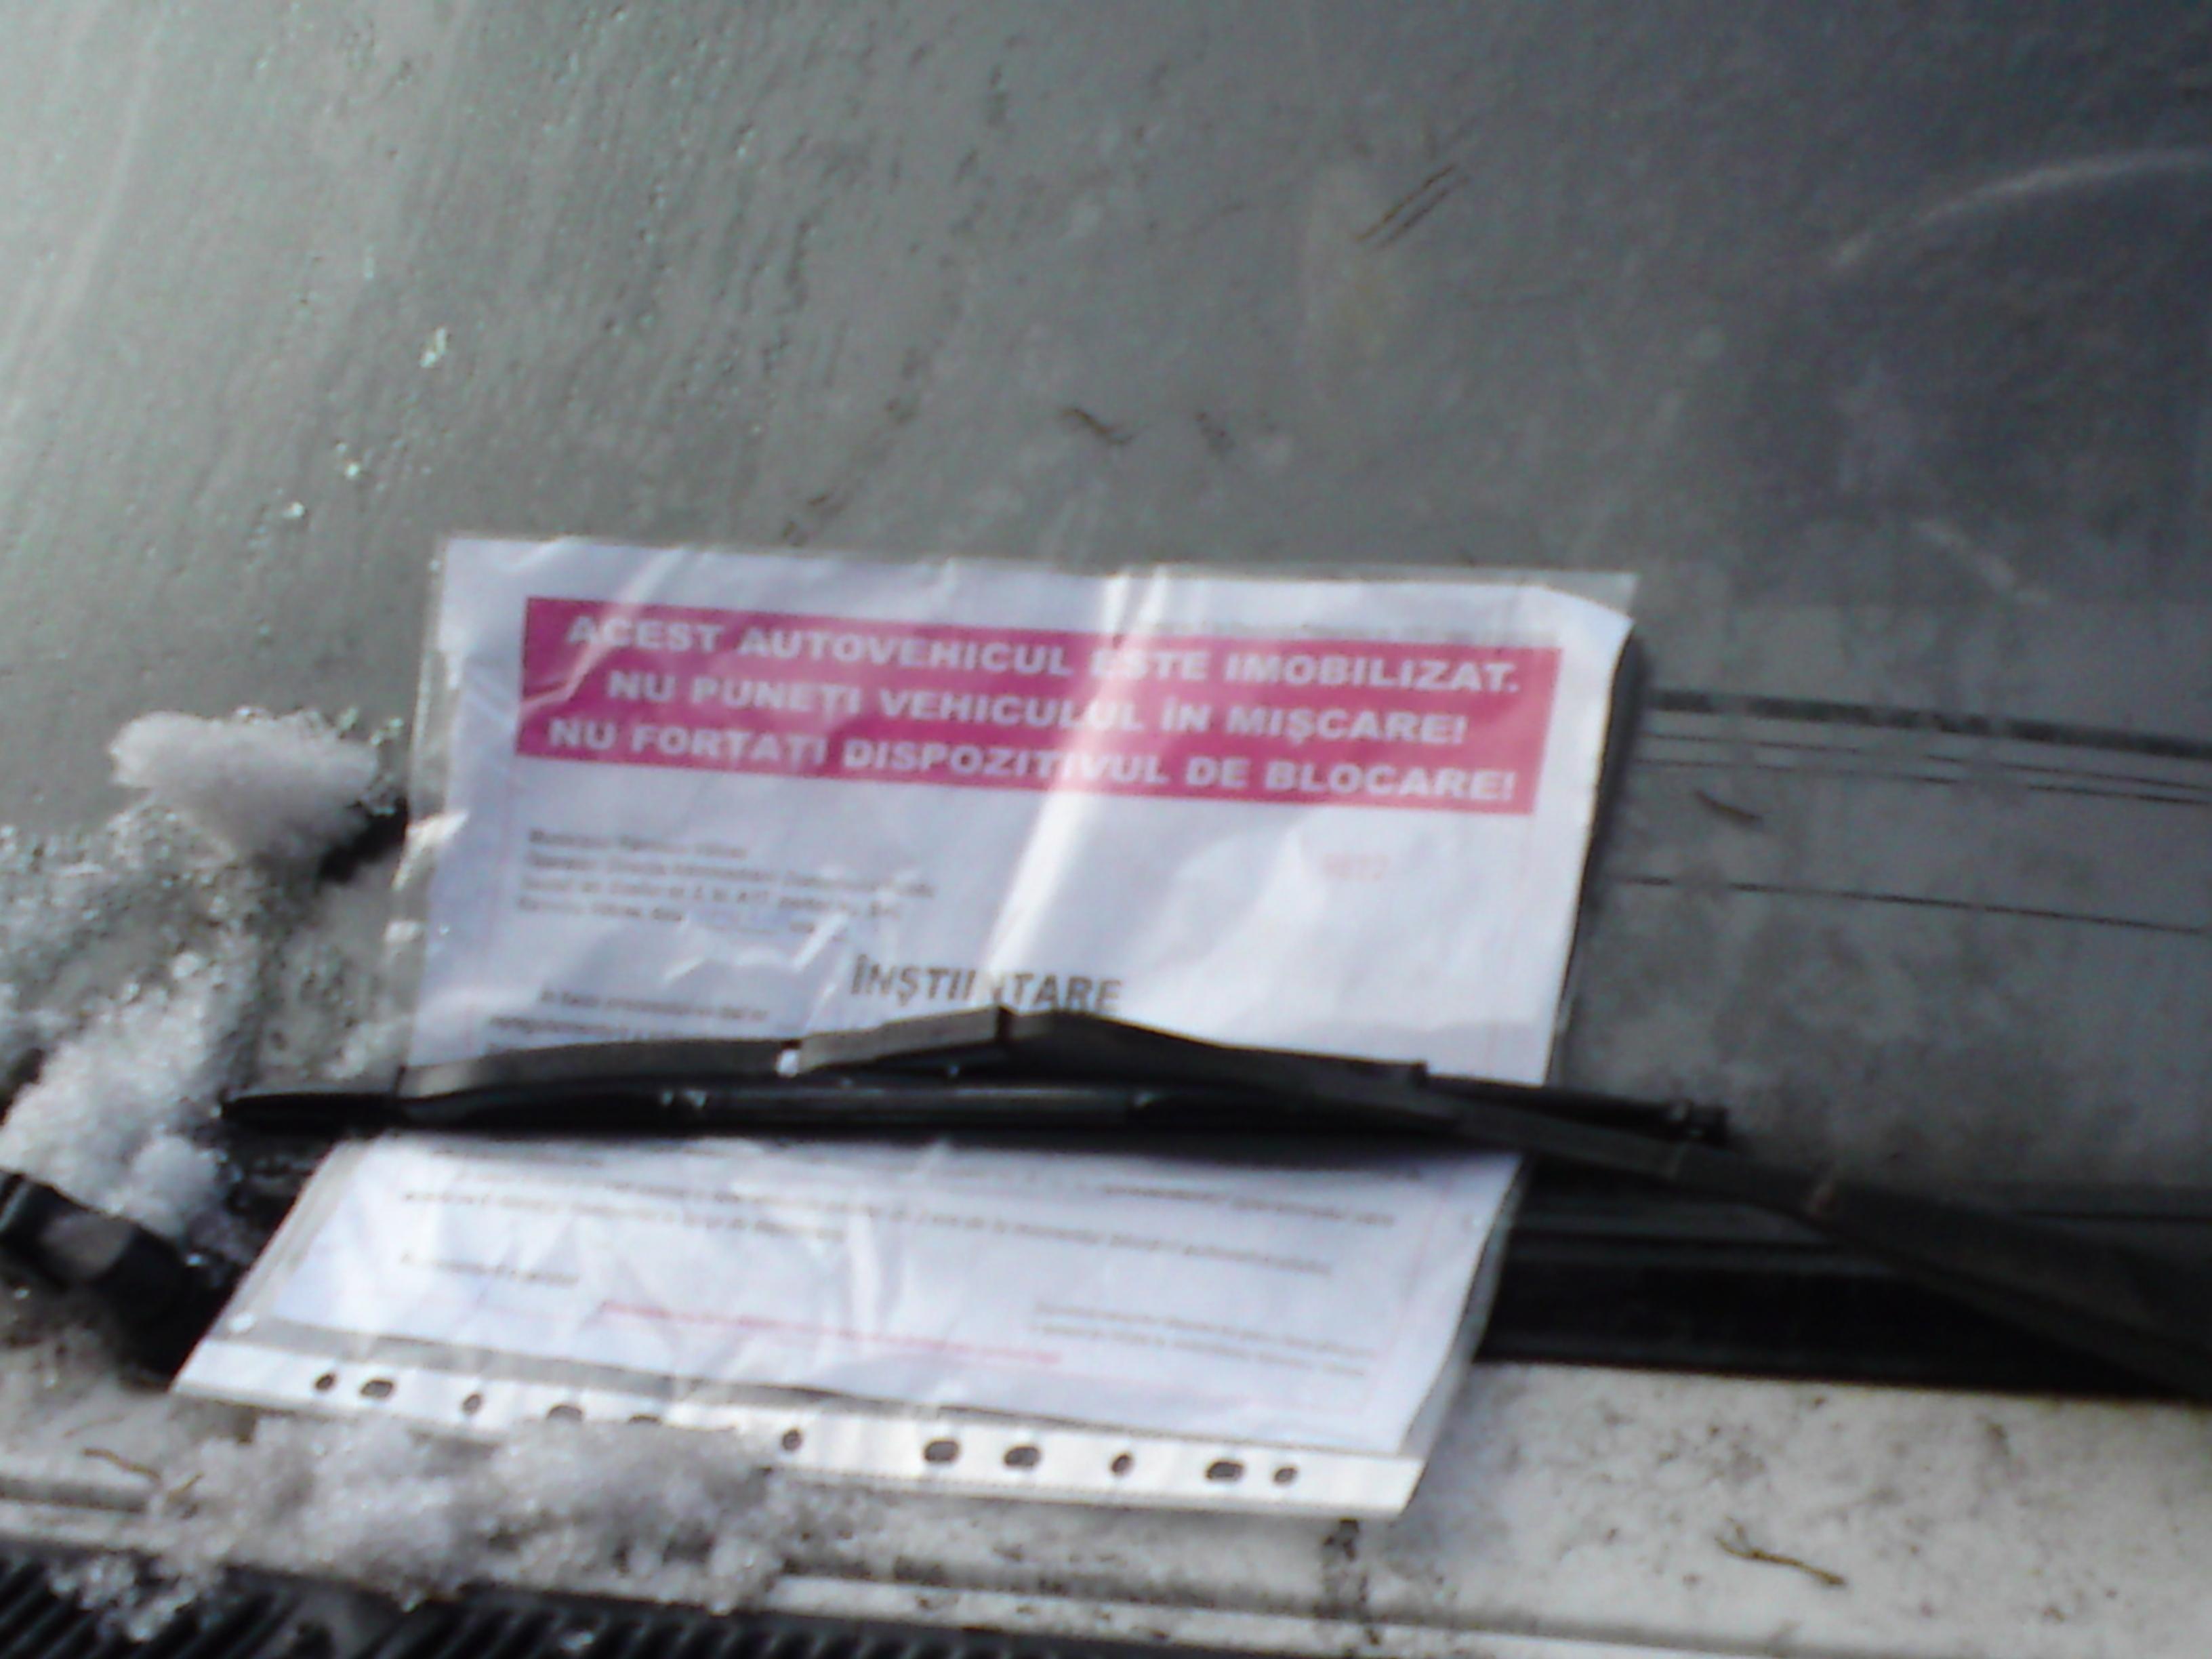 Roţile unei maşini au fost blocate de autorităţi